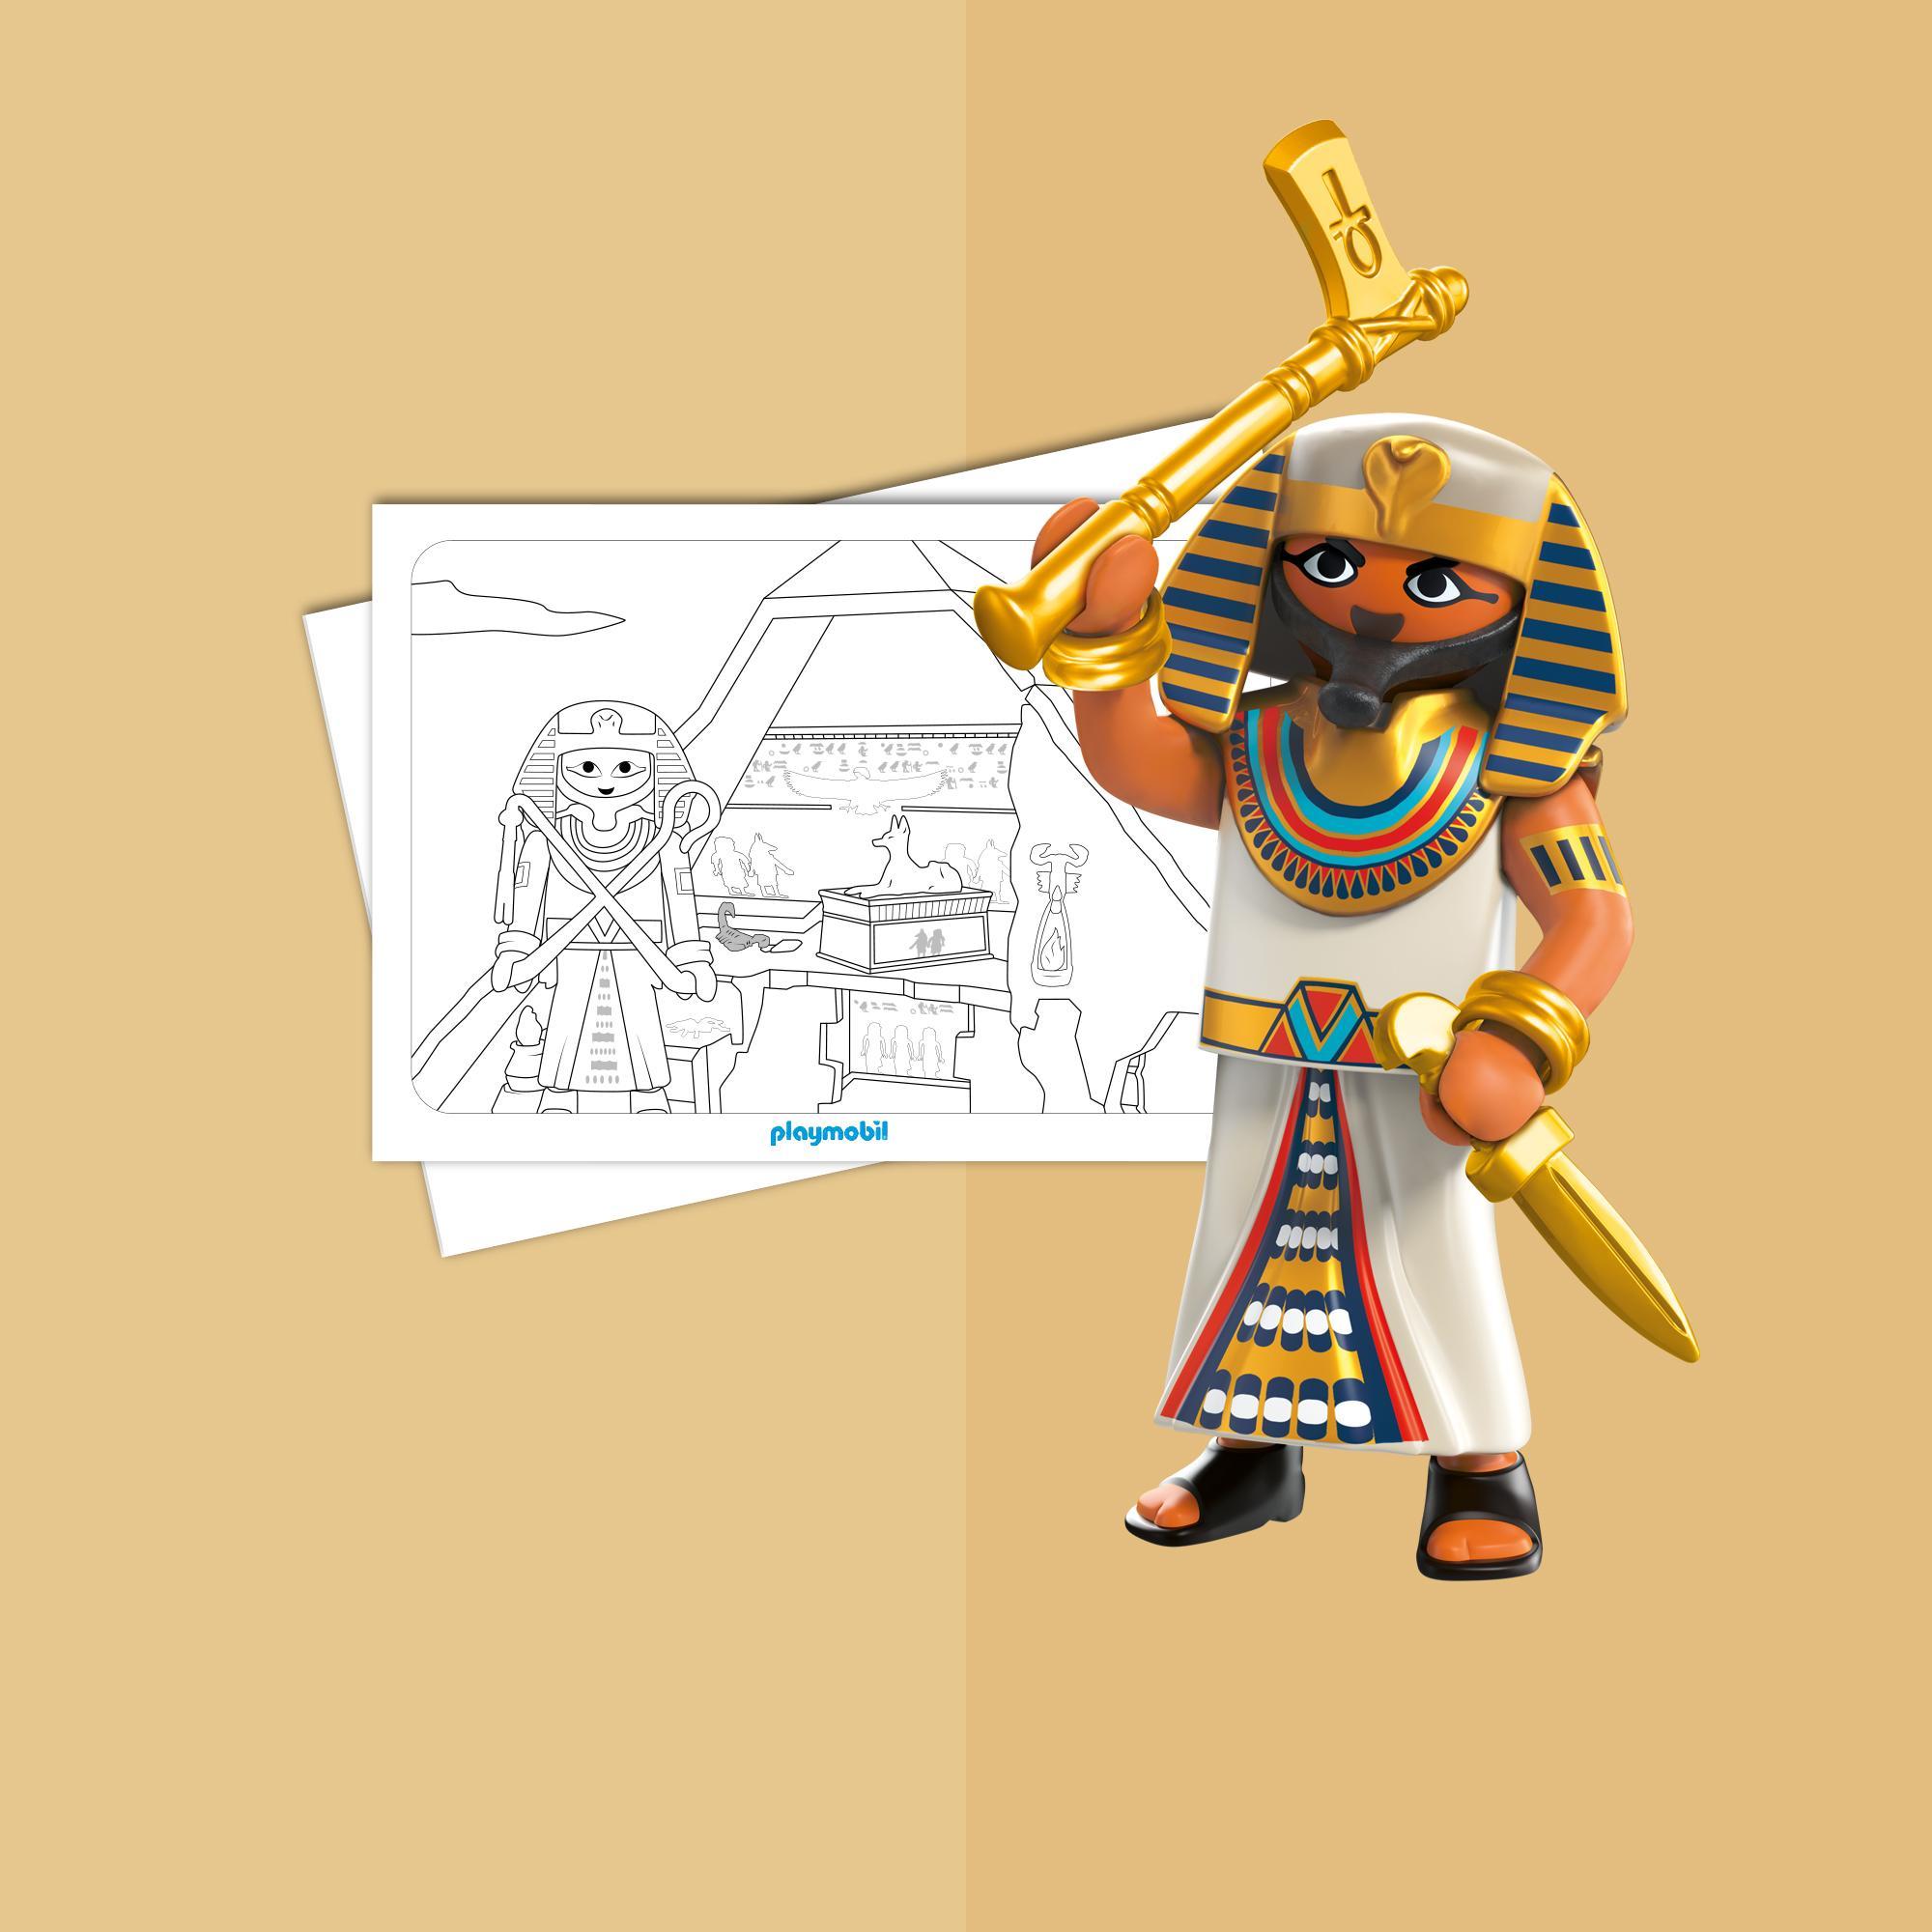 Ausmalbilder Playmobil Bergwelt : Malvorlagen Playmobil Die Beste Idee Zum Ausmalen Von Seiten